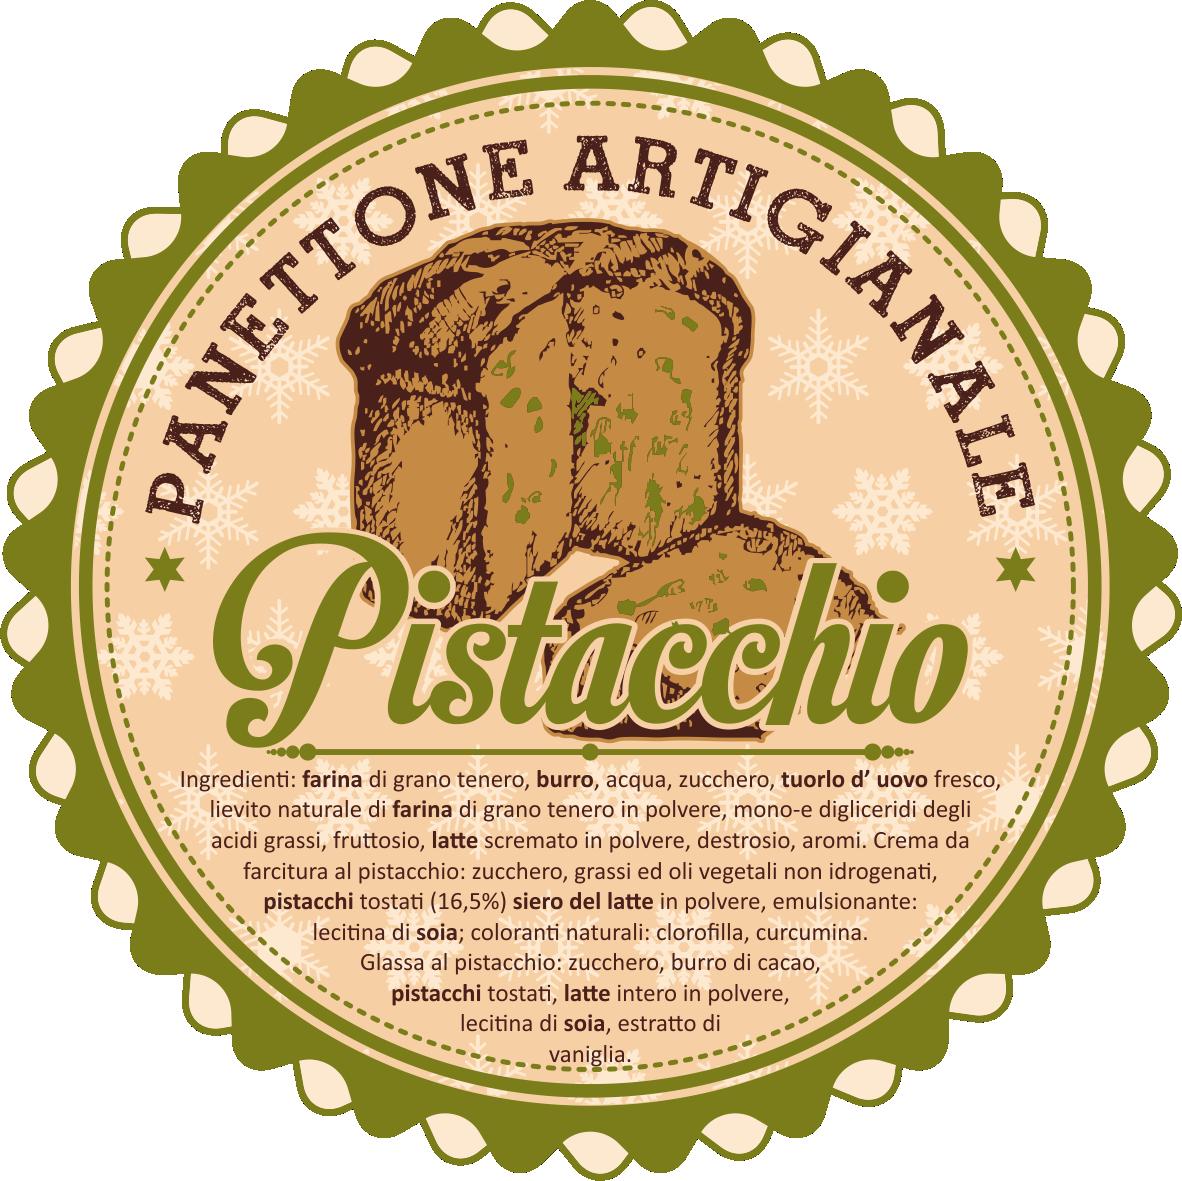 etichetta-pistacchio-il-ducale